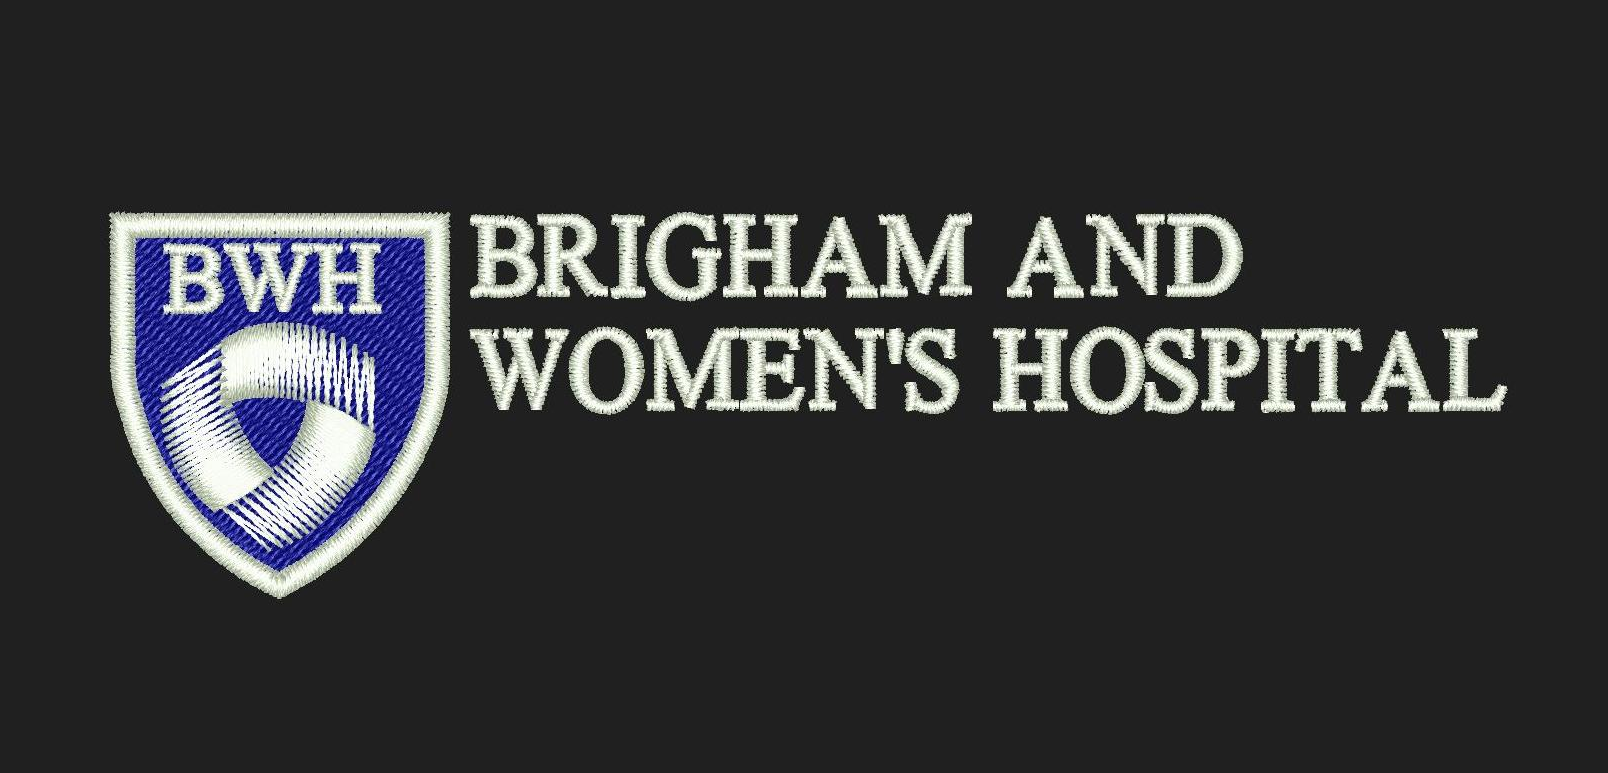 Brigham and Women's Hospital, Pathology